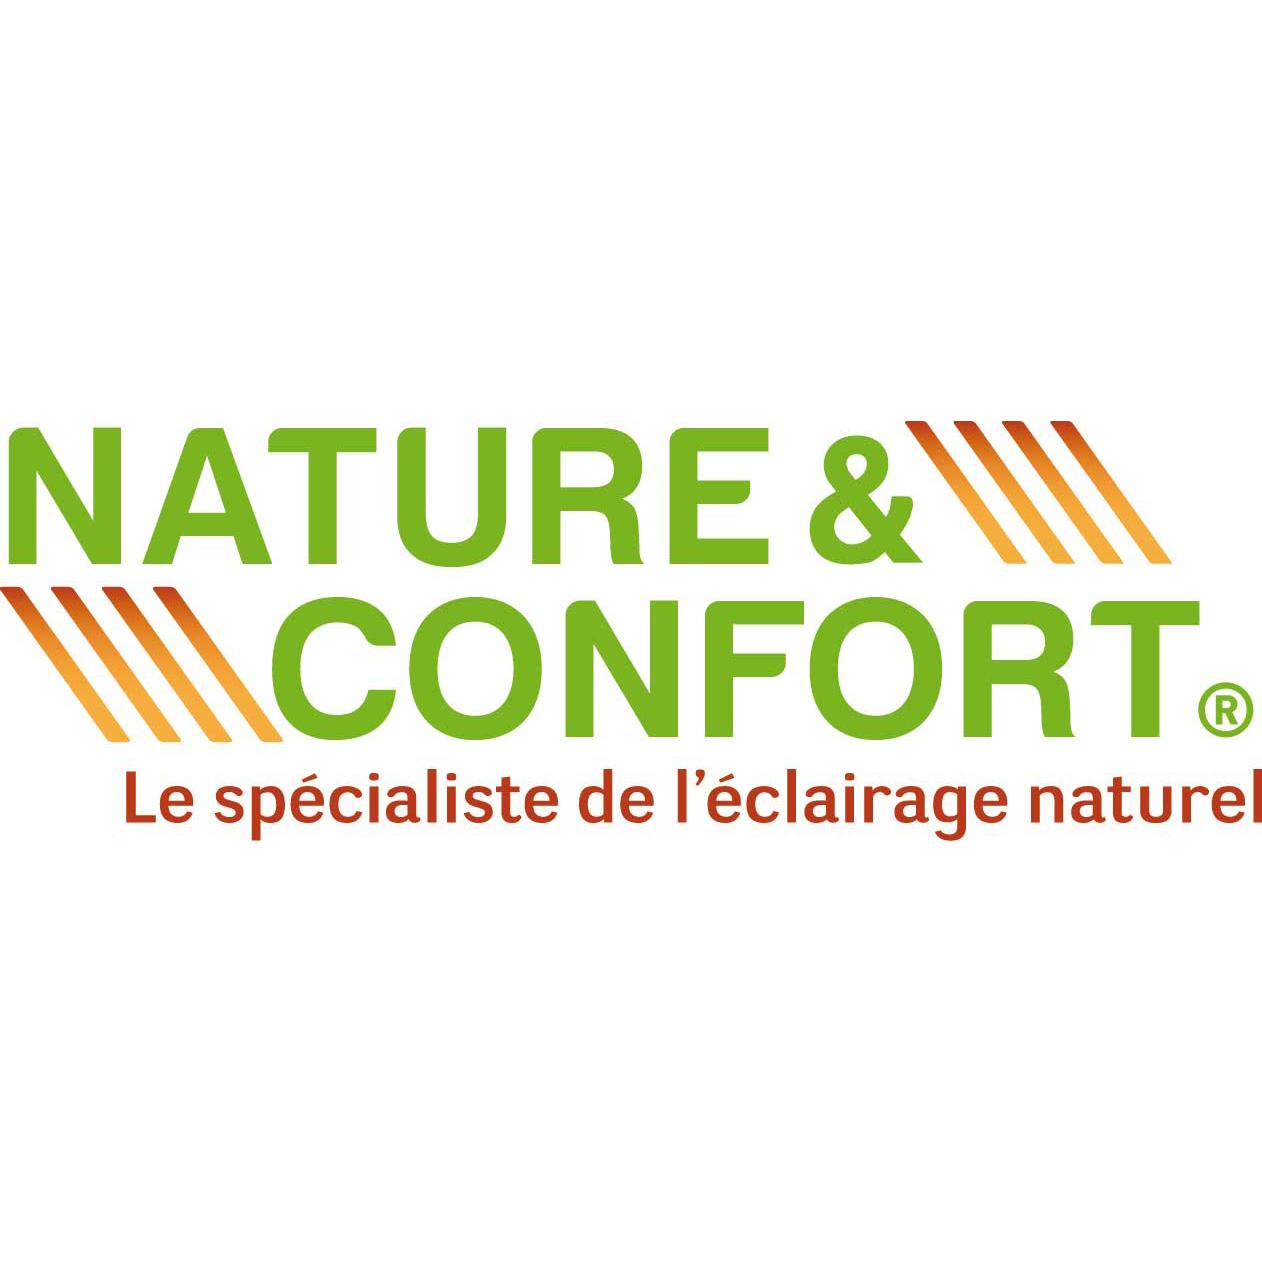 Nature et Confort imagine le réflecteur de lumière naturelle